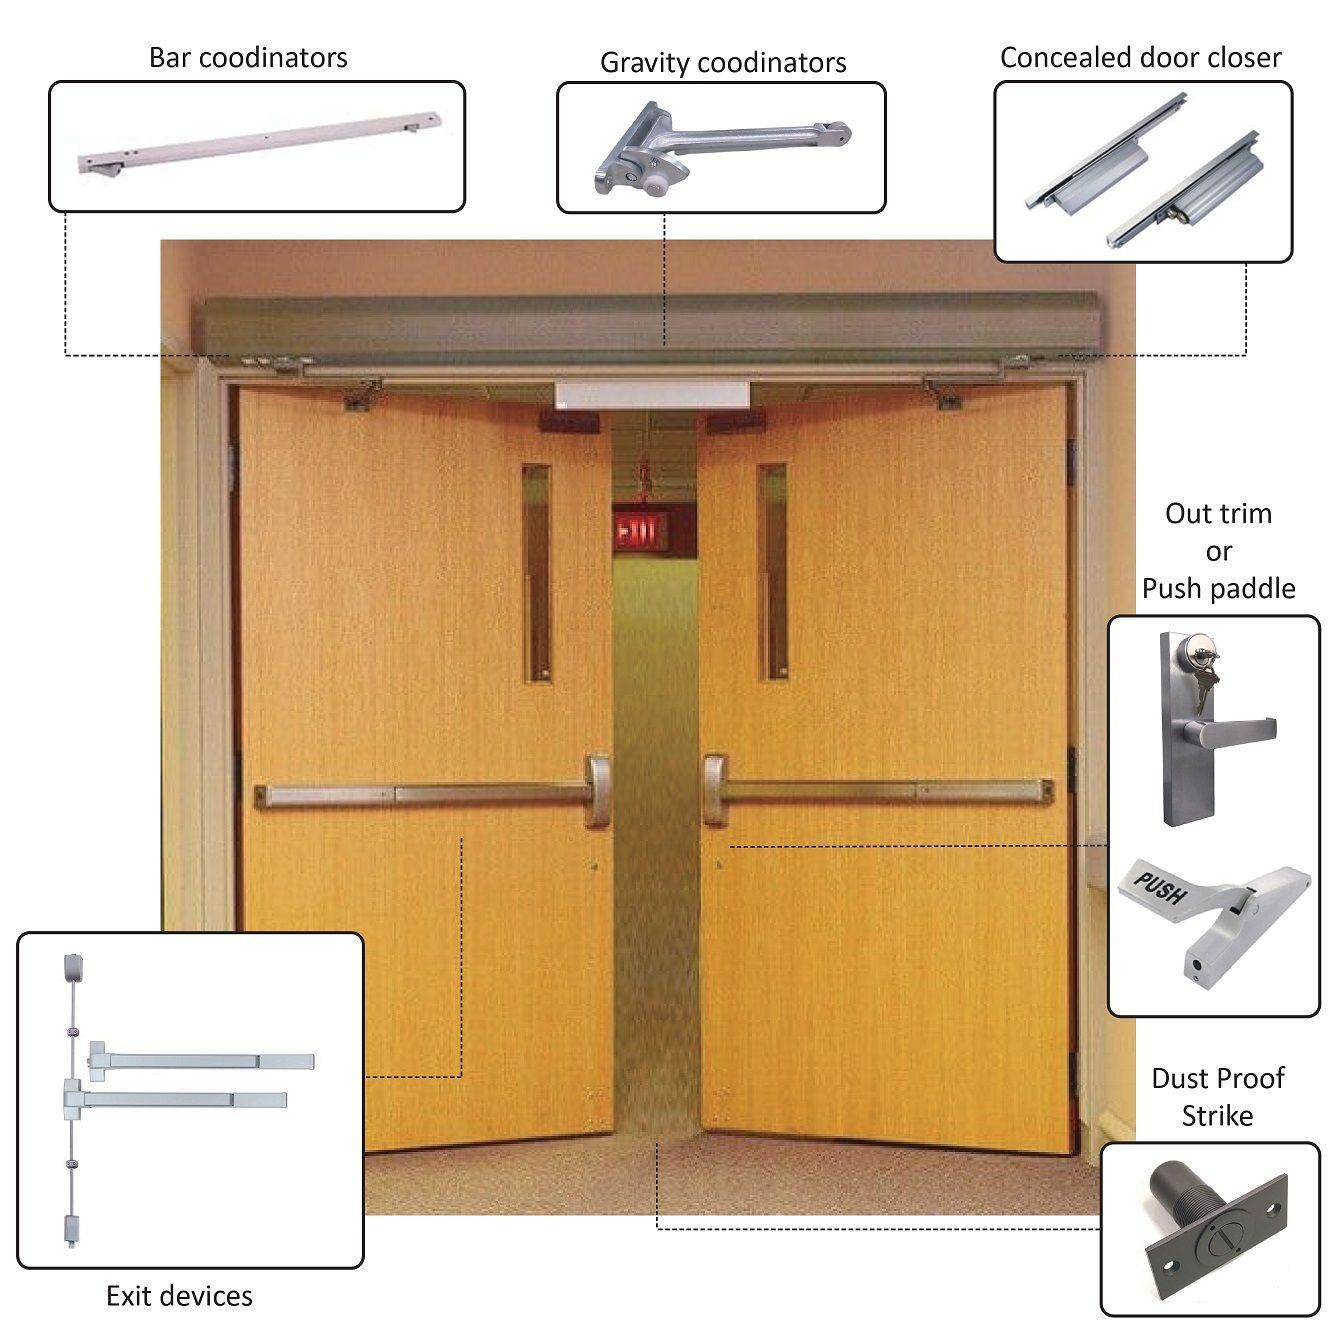 Fire Door - Fire door